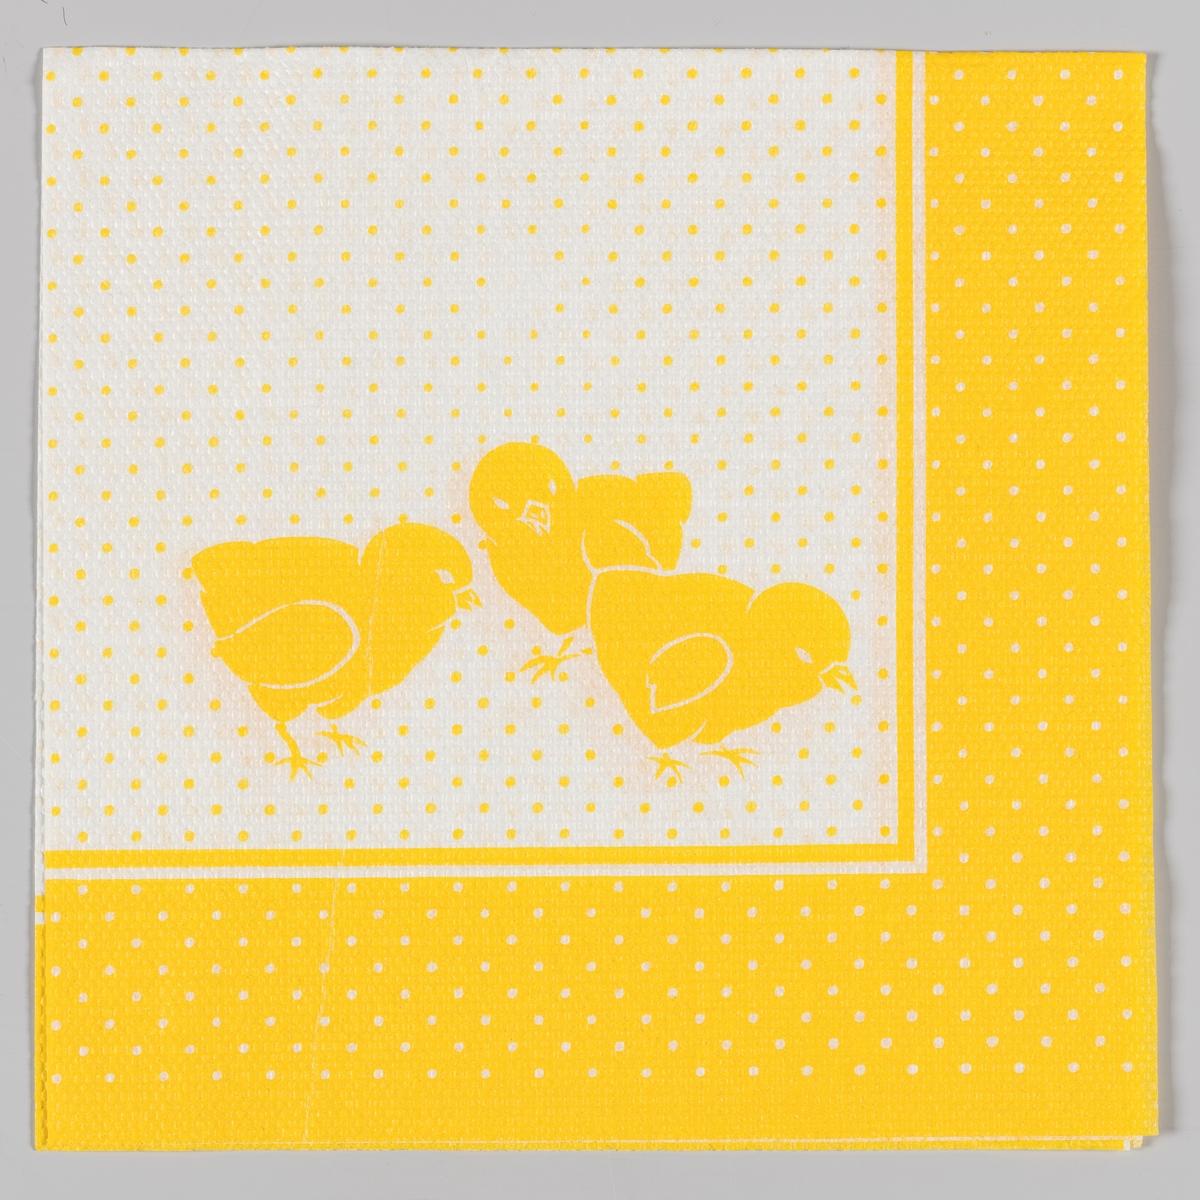 Tre kyllinger på en hvit bakgrunn med gule prikker. Gul kantstripe med hvite prikker.